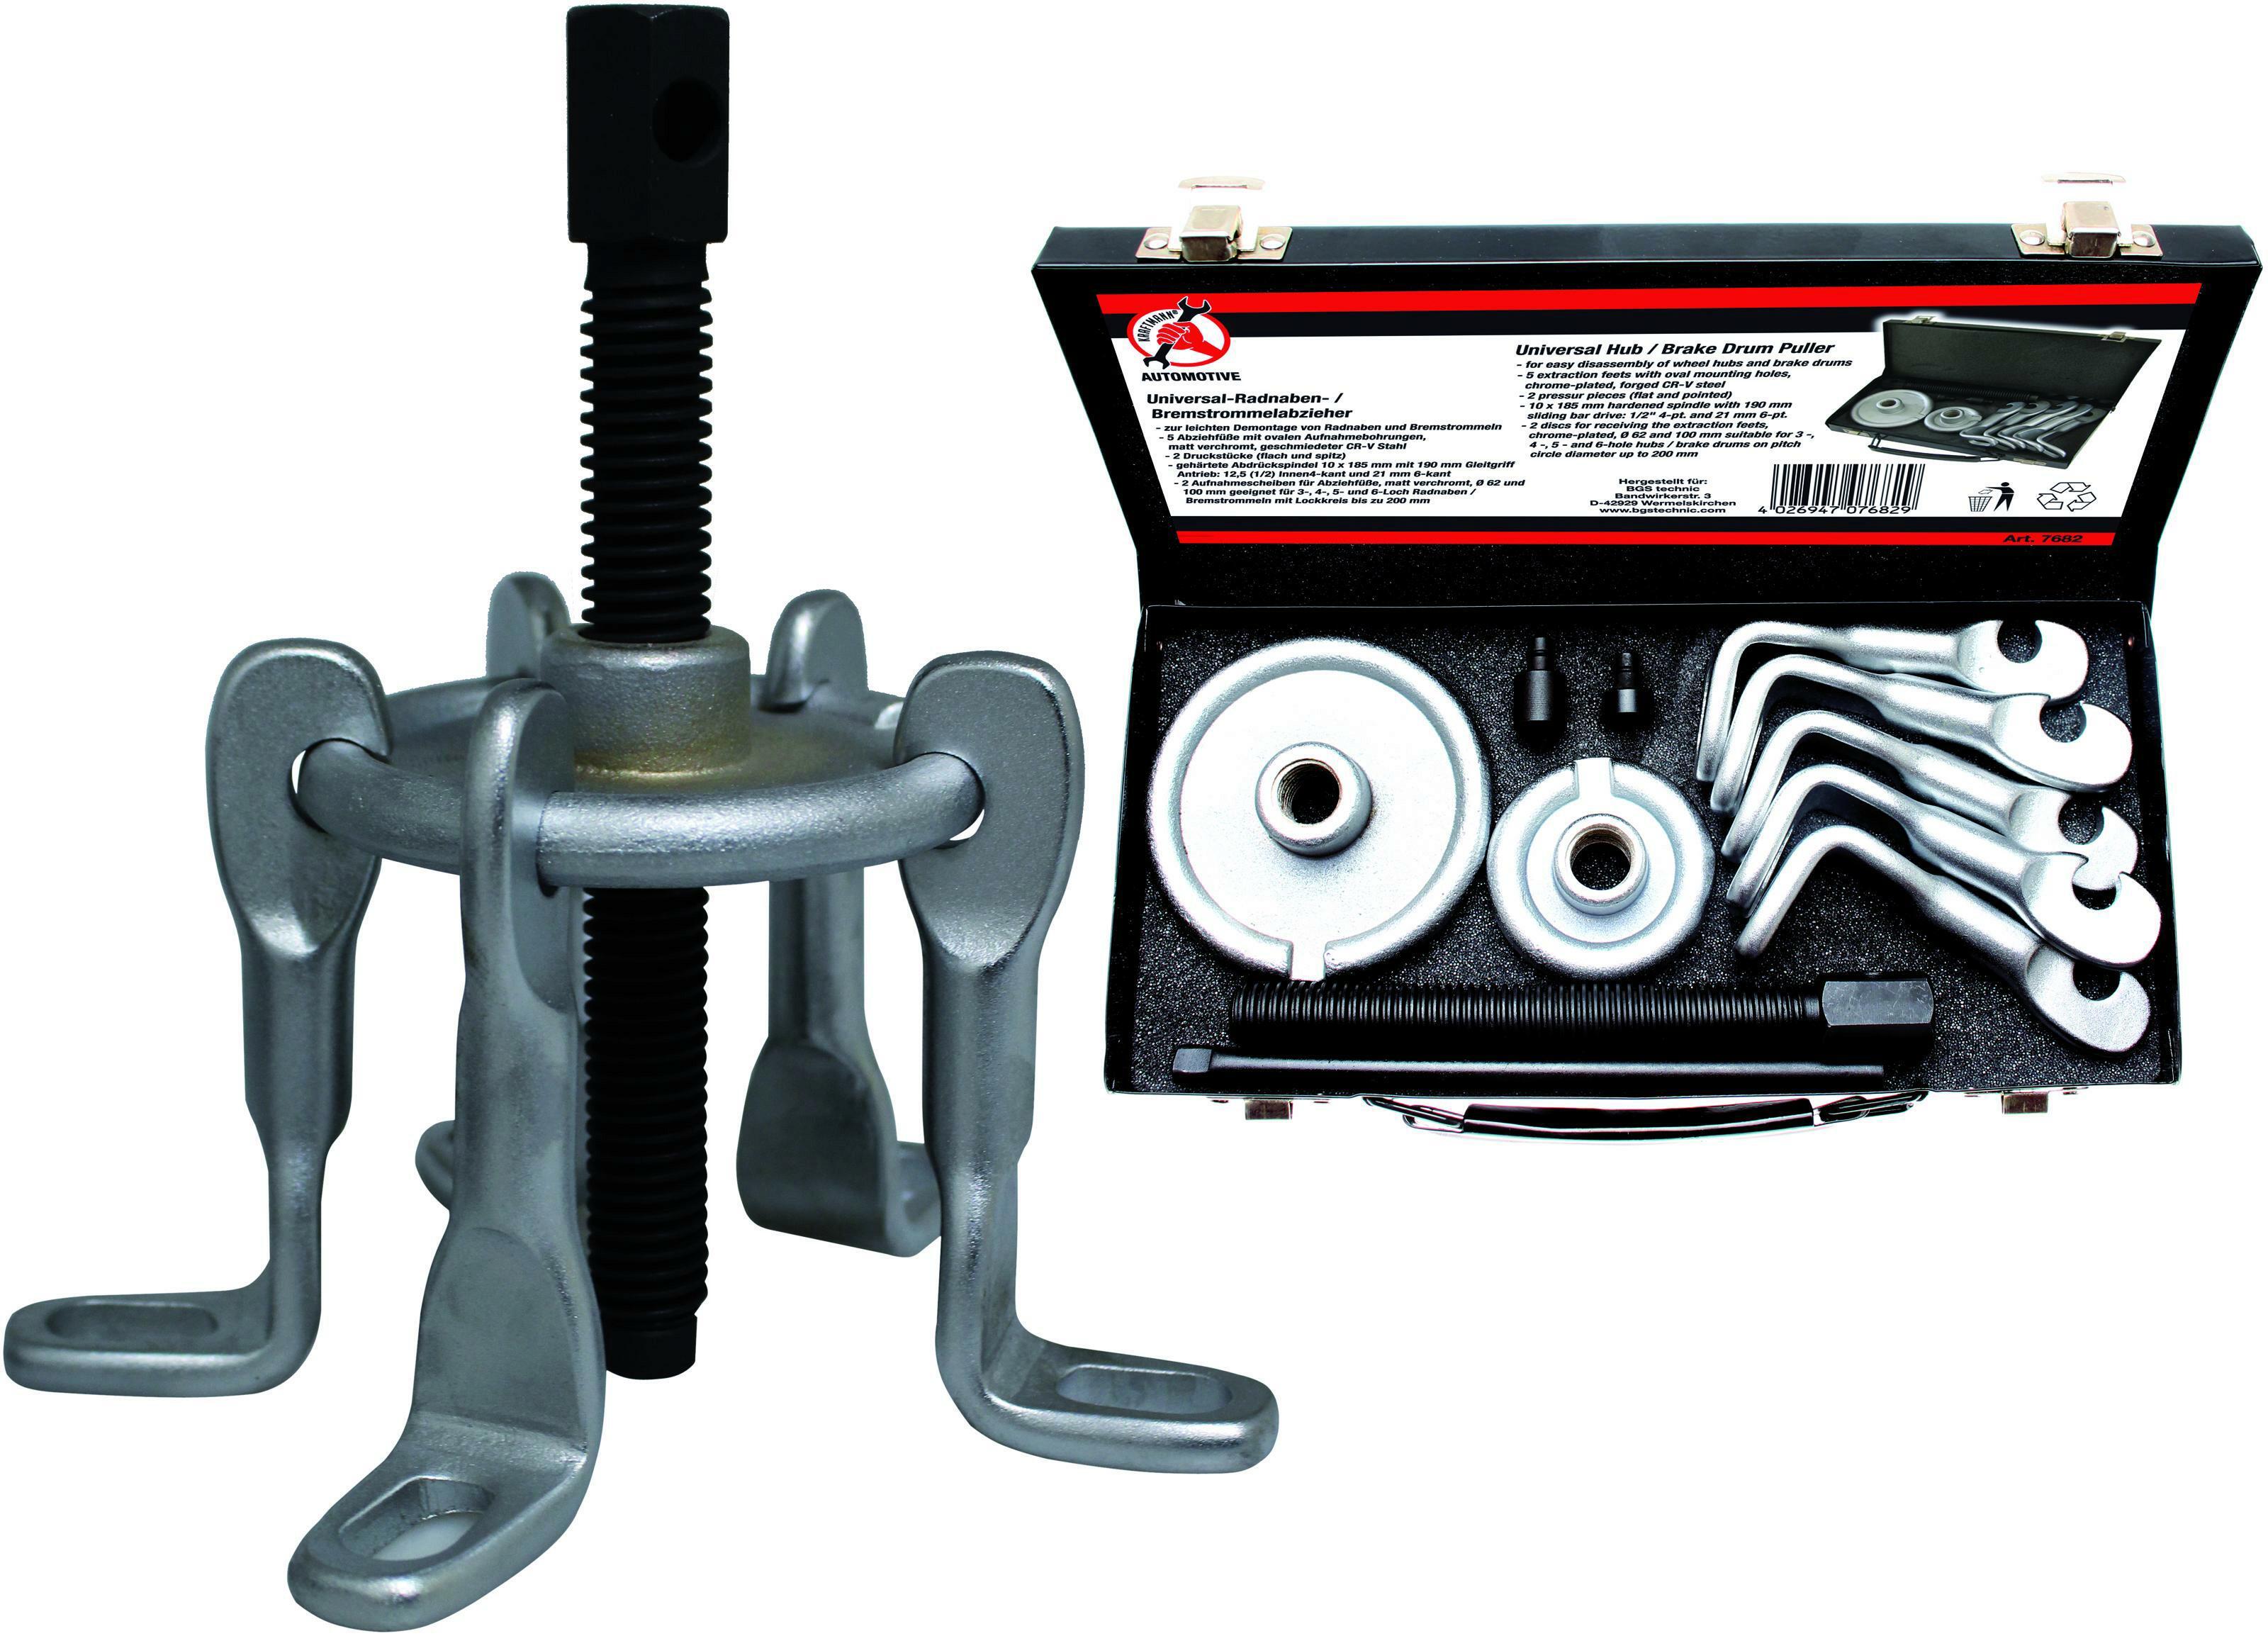 Bremstrommelabzieher / Antriebswellenausdrücker, 5-armig | universal